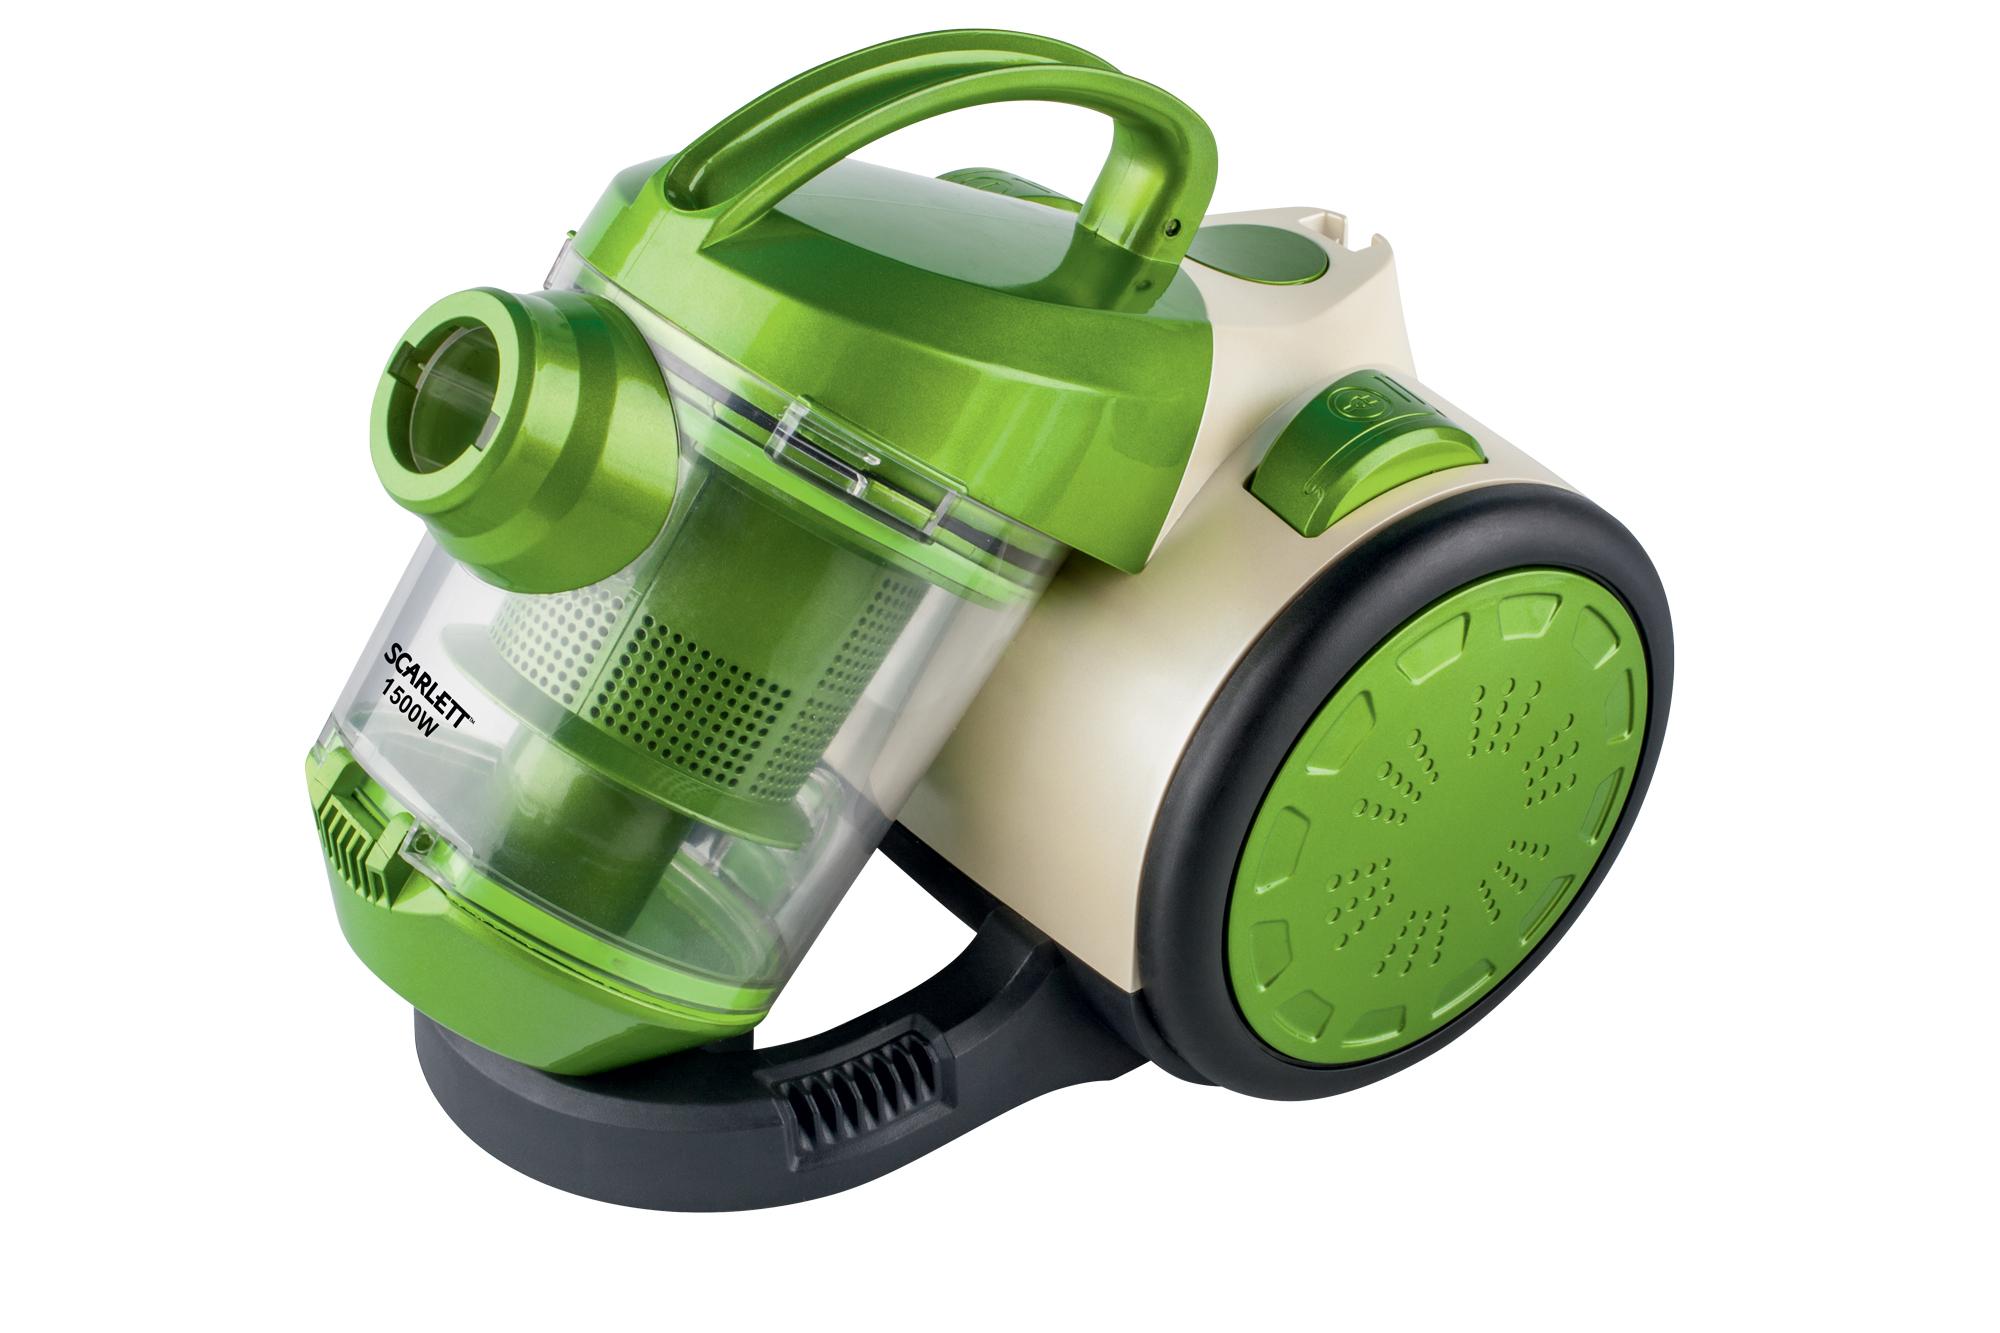 Пылесос Scarlett SC-VC80C01 GreenПылесосы<br>- Высокая эффективность и постоянная мощность всасывания<br>- Эффективная система очистки воздуха «Мультициклон»<br>- Без мешка для сбора пыли<br>- Лёгкая очистка контейнера<br>- Постоянные антистатические фильтры «грубой очистки» – легко моются и расcчитаны на весь срок службы прибора<br>- Вместимость контейнера для сбора пыли 1.5 л<br>- Регулятор потока воздуха на ручке<br>- Автосмотка шнура<br>- 2-х секционная пластиковая трубка<br>- Насадки в комплекте: комбинированная насадка ковёр/пол, комбинированная насадка мебель/щель<br>- Компактный размер и лёгкий вес пылесоса позволяет...<br><br>Тип: Пылесос<br>Потребляемая мощность, Вт: 1500<br>Тип уборки: Сухая<br>Регулятор мощности на корпусе: Нет<br>Пылесборник: Циклонный фильтр<br>Емкостью пылесборника : 1.50 л